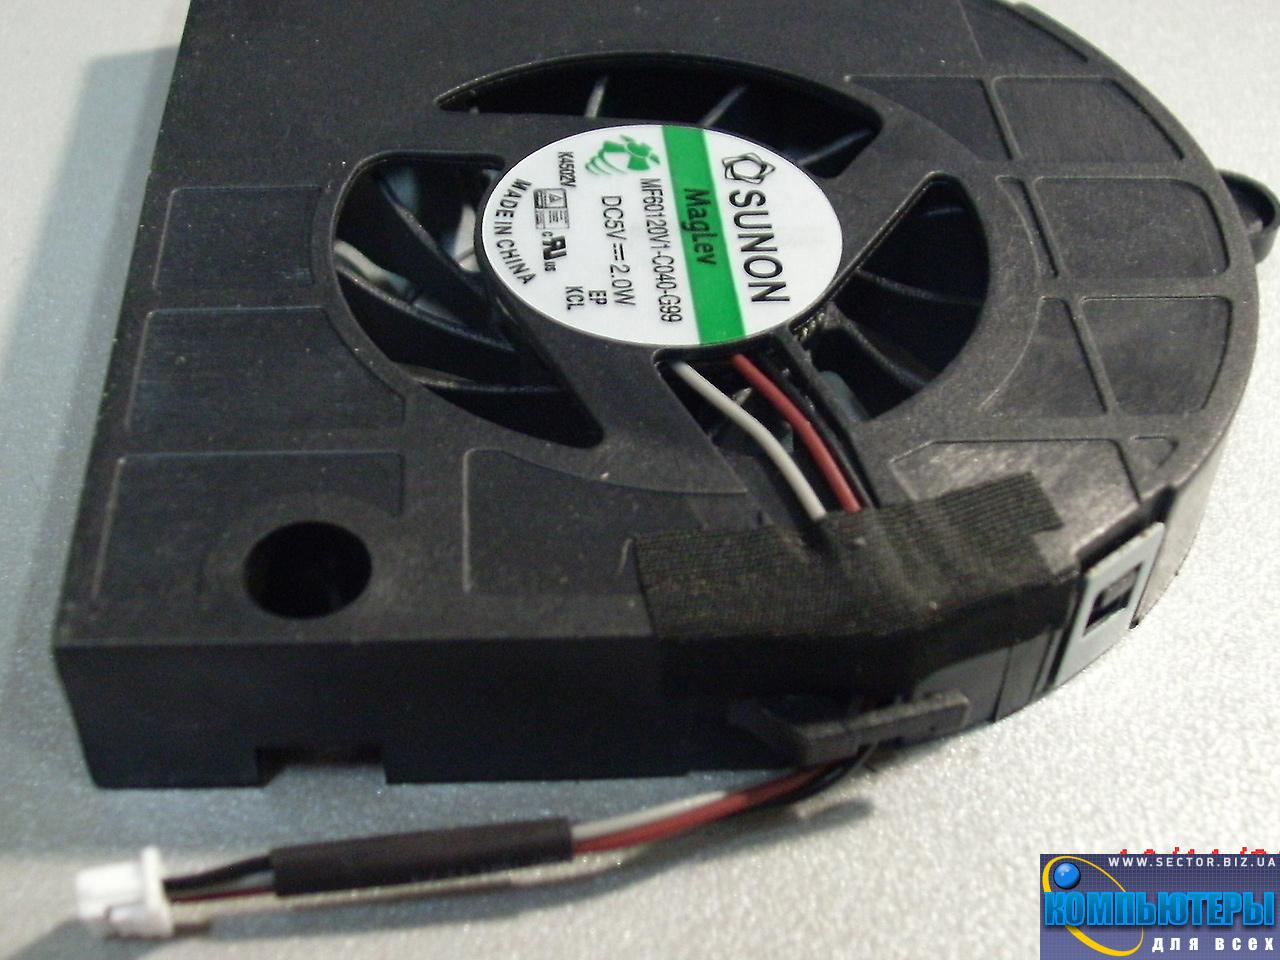 Кулер к ноутбуку Emachines E442 E443 E529 E644 E729 p/n: MF60120V1-C040-G99. Фото № 1.